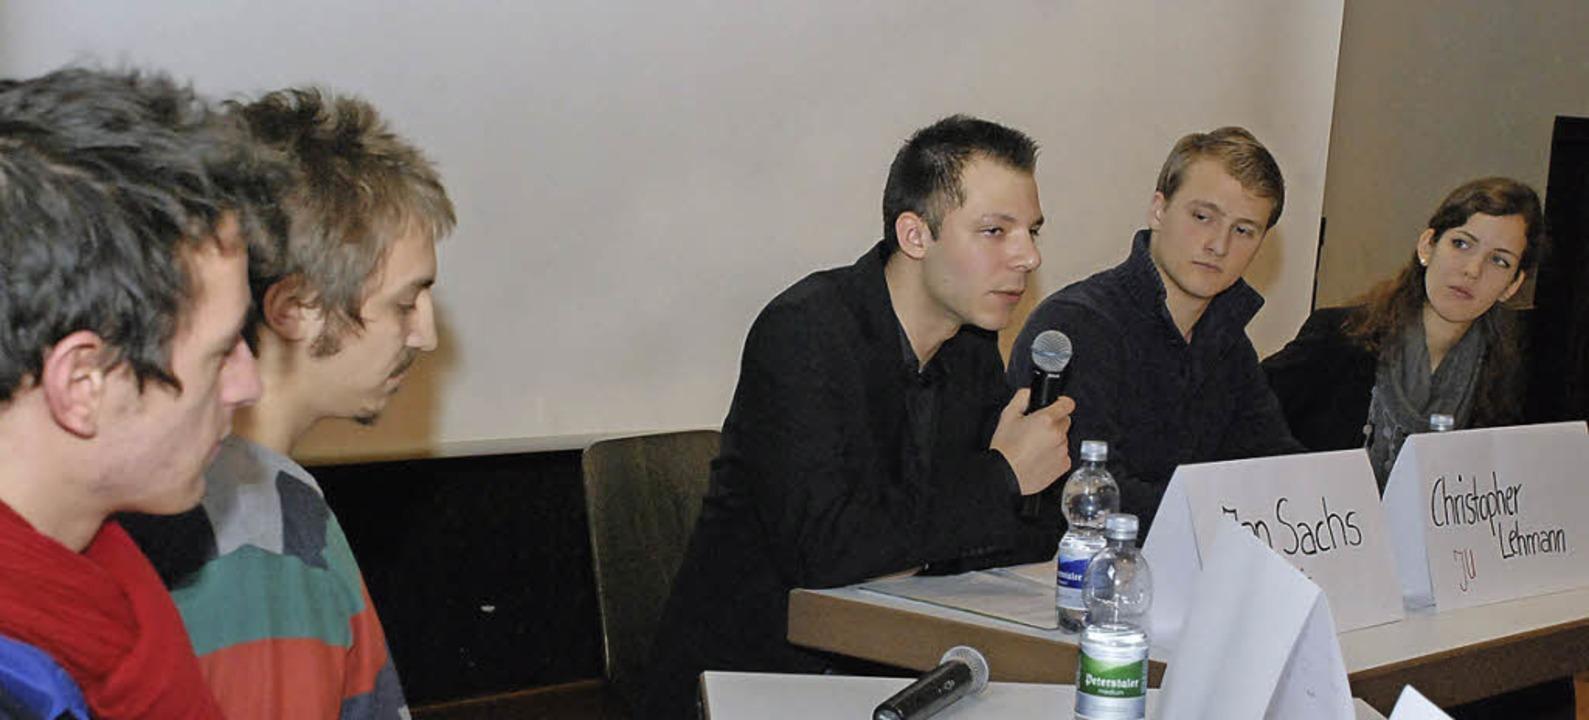 Diskussionsfreudige Nachwuchspolitiker..., Christopher Lehmann und Lina Seitzl.    Foto: Gertrude Siefke